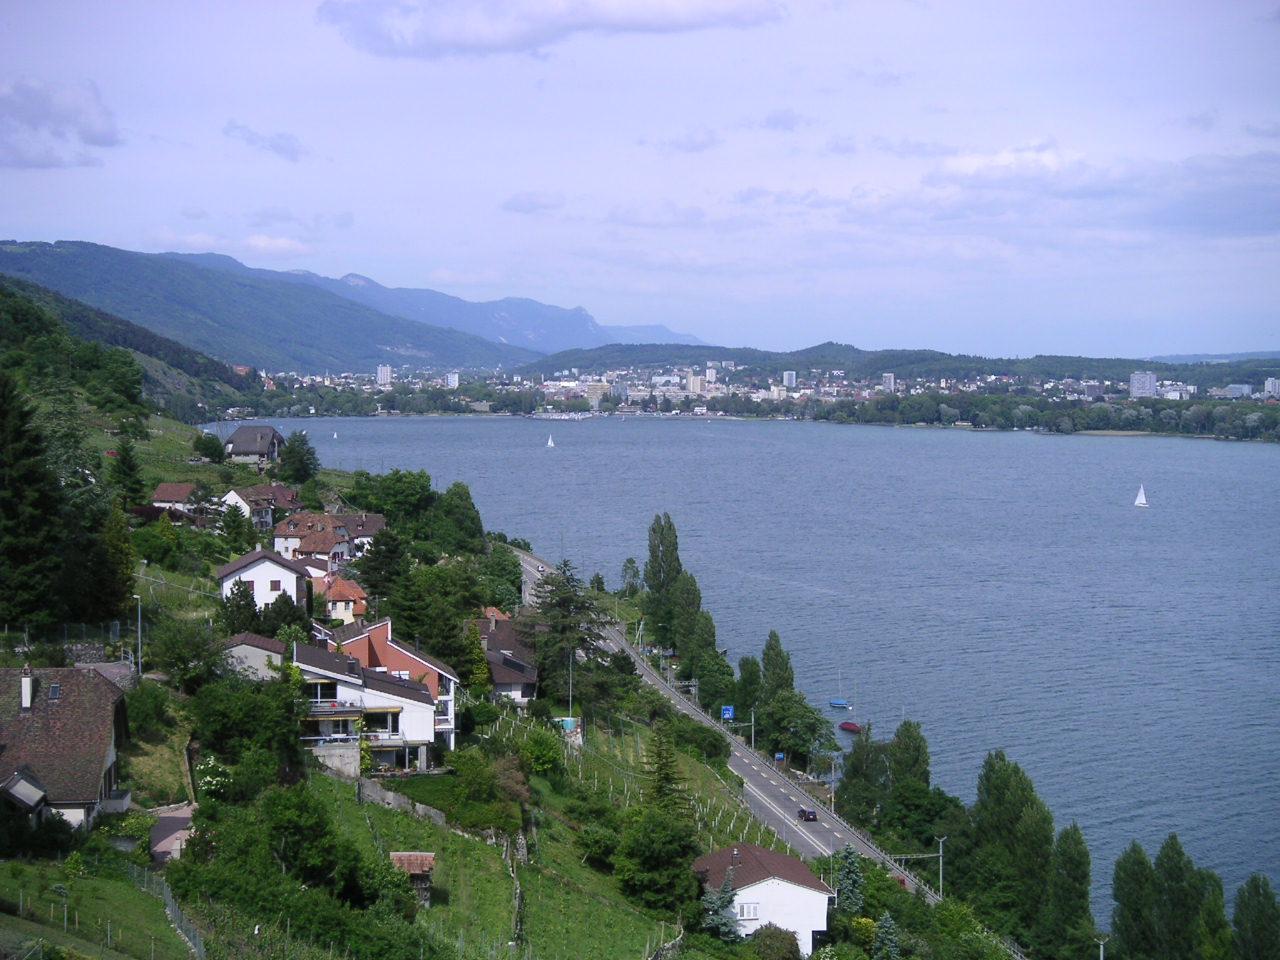 Vue de Bienne depuis le lac.